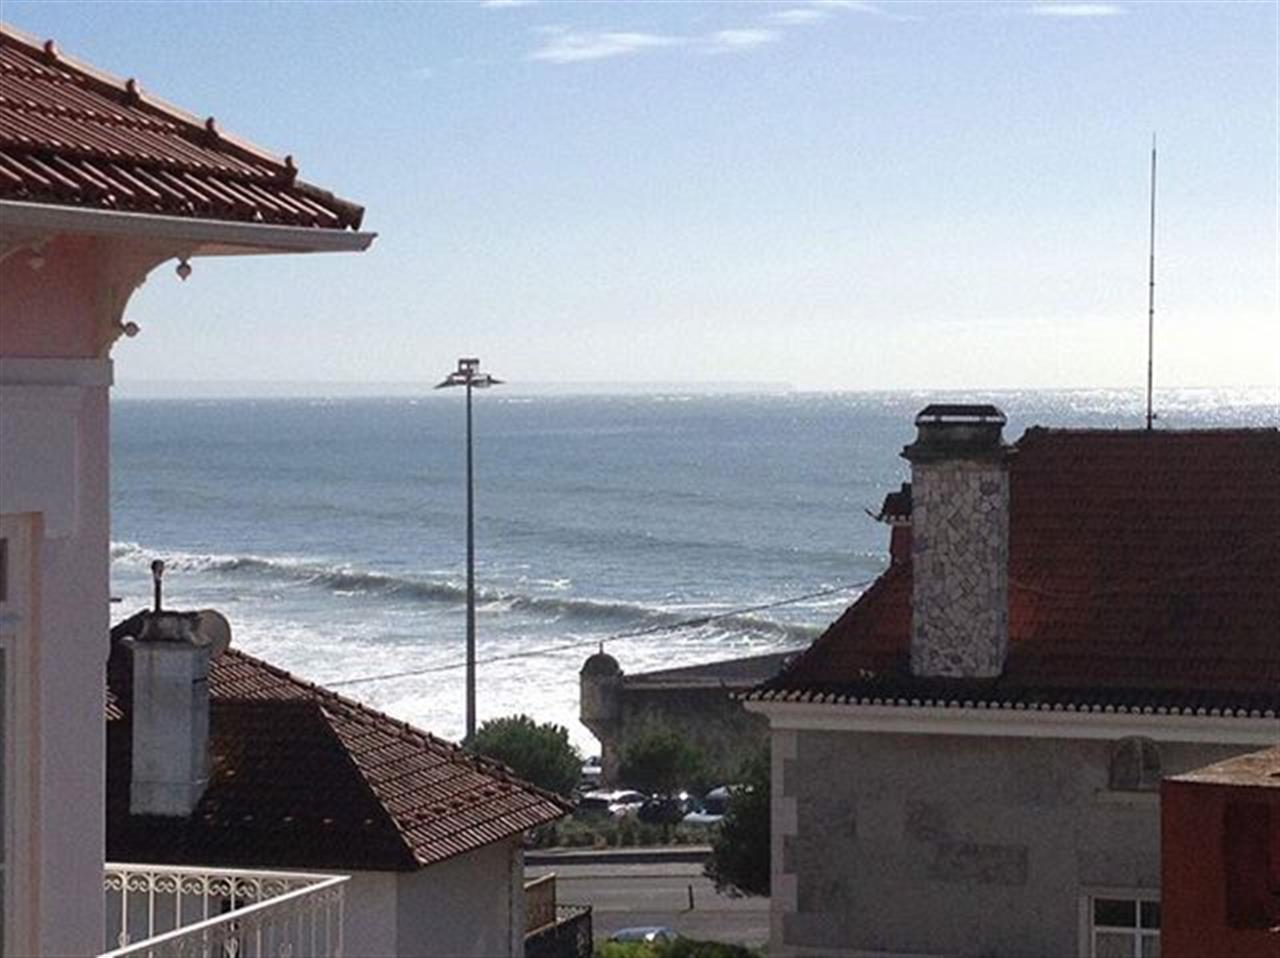 Viva num fabuloso apartamento, a 2 minutos da praia do Estoril. Saiba tudo em: www.ins.pt | Ref. AC863 #insrealestateportugal #leadingrelocal #estoril #portugal #apartment #beach